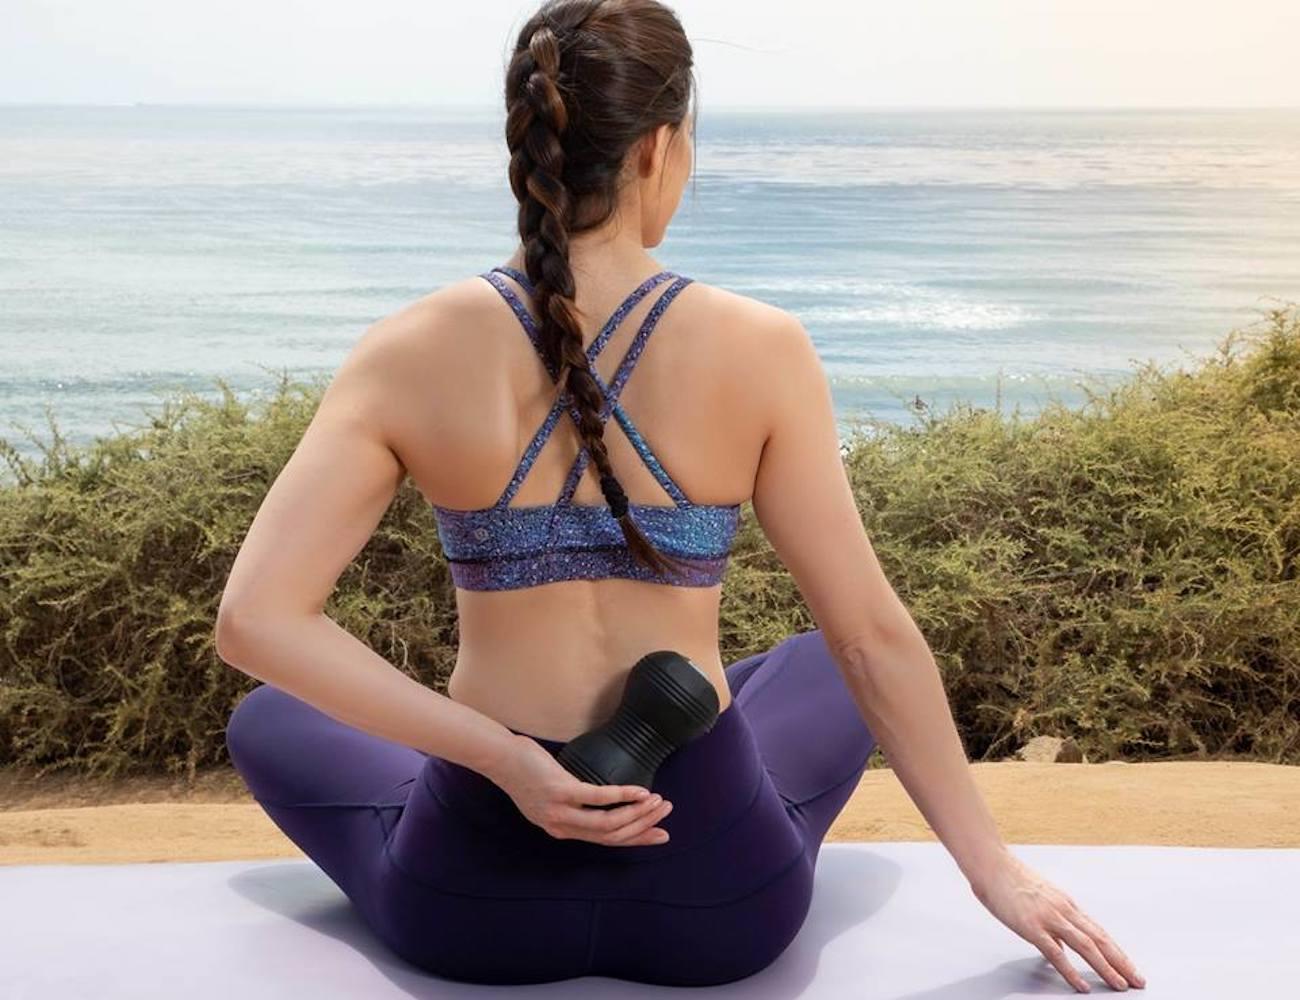 Nextrino InfinityBall Vibrating Massage Therapy Ball